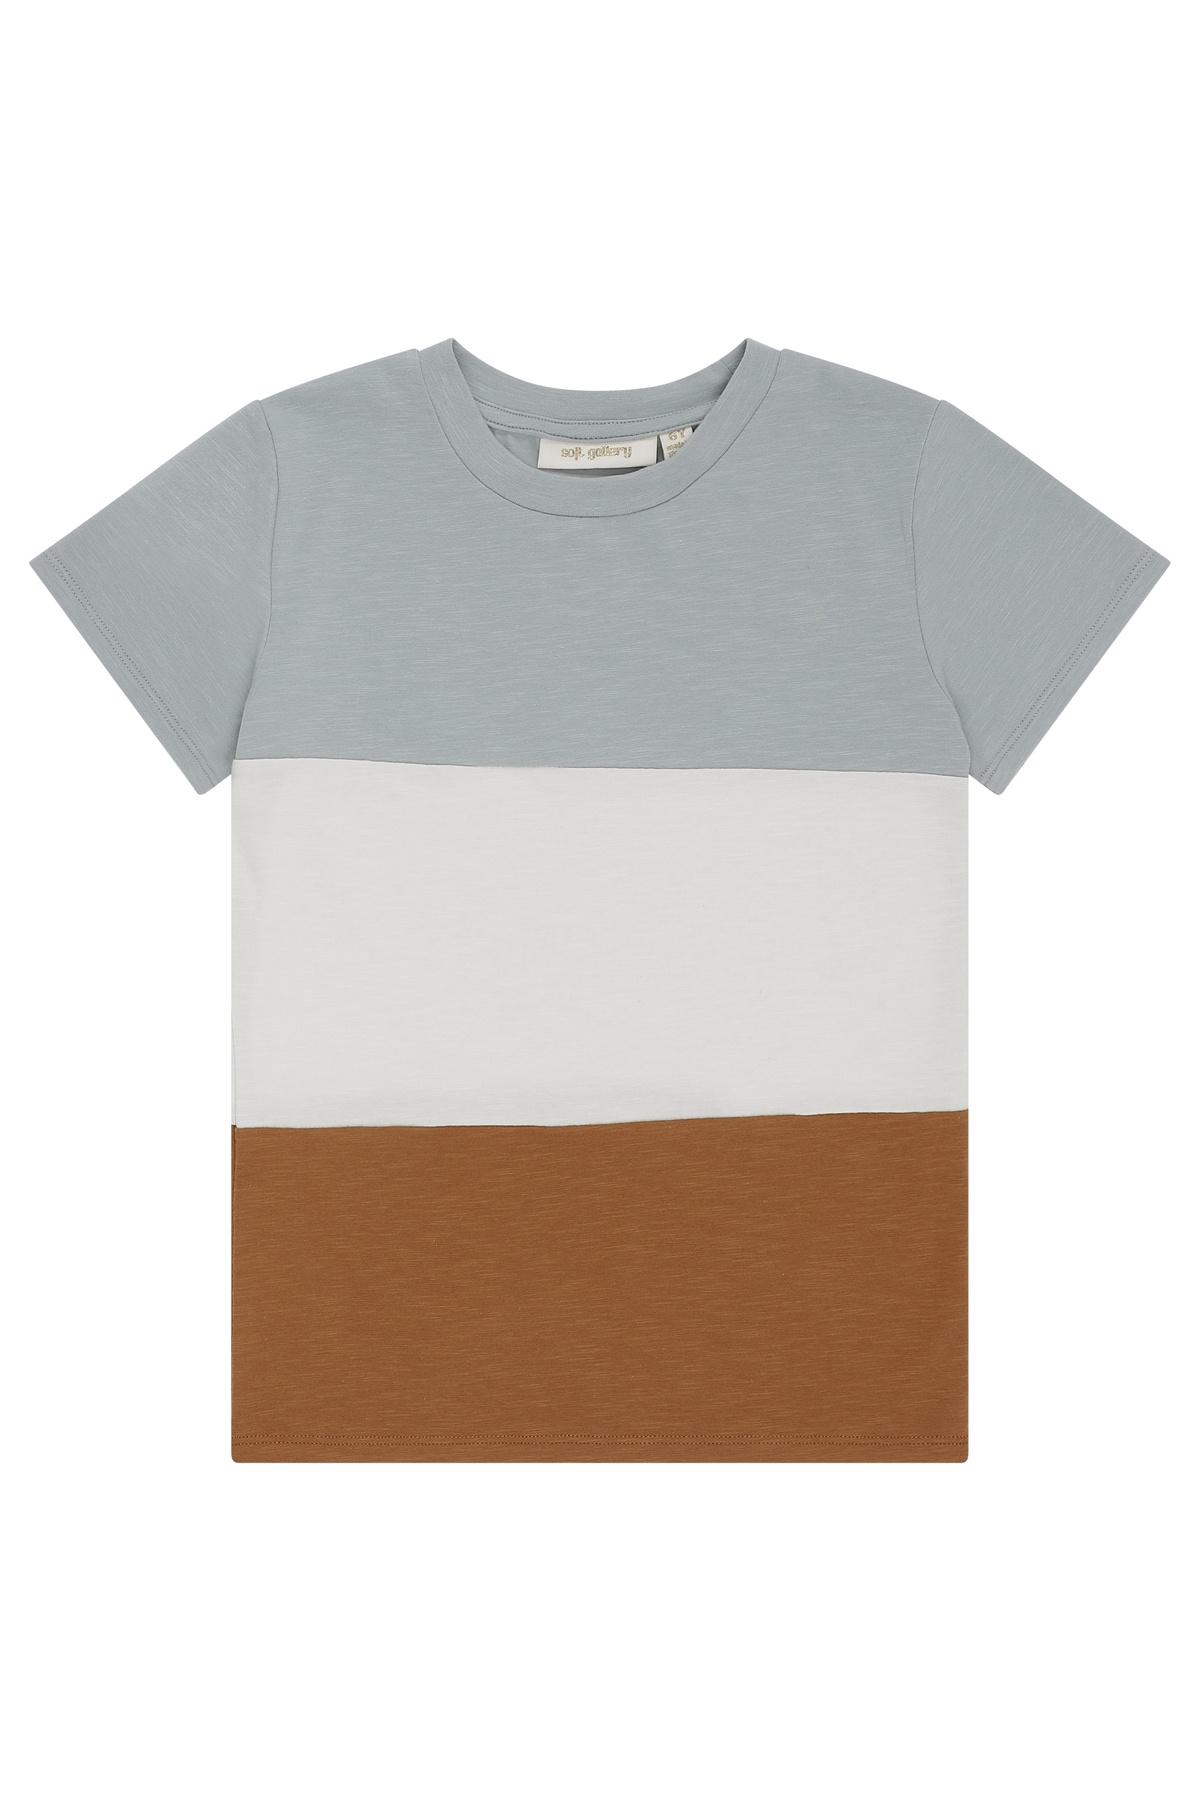 Bass t-shirt - Abyss-1